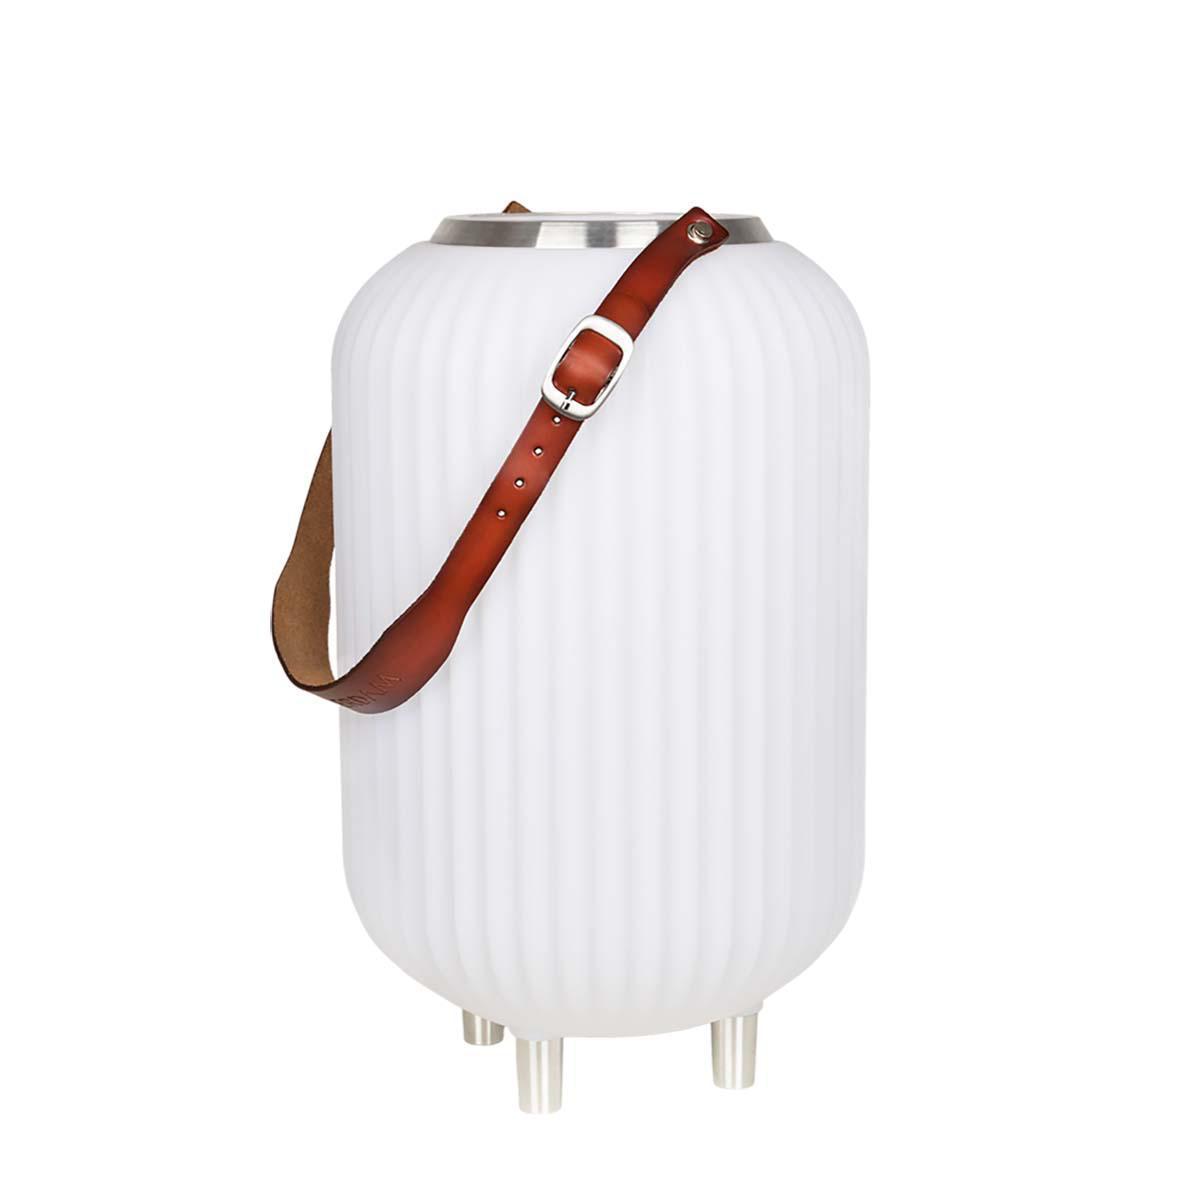 The.Lampion S – Lampe med indbygget Bluetooth Højttaler & Vinkøler – Hvid